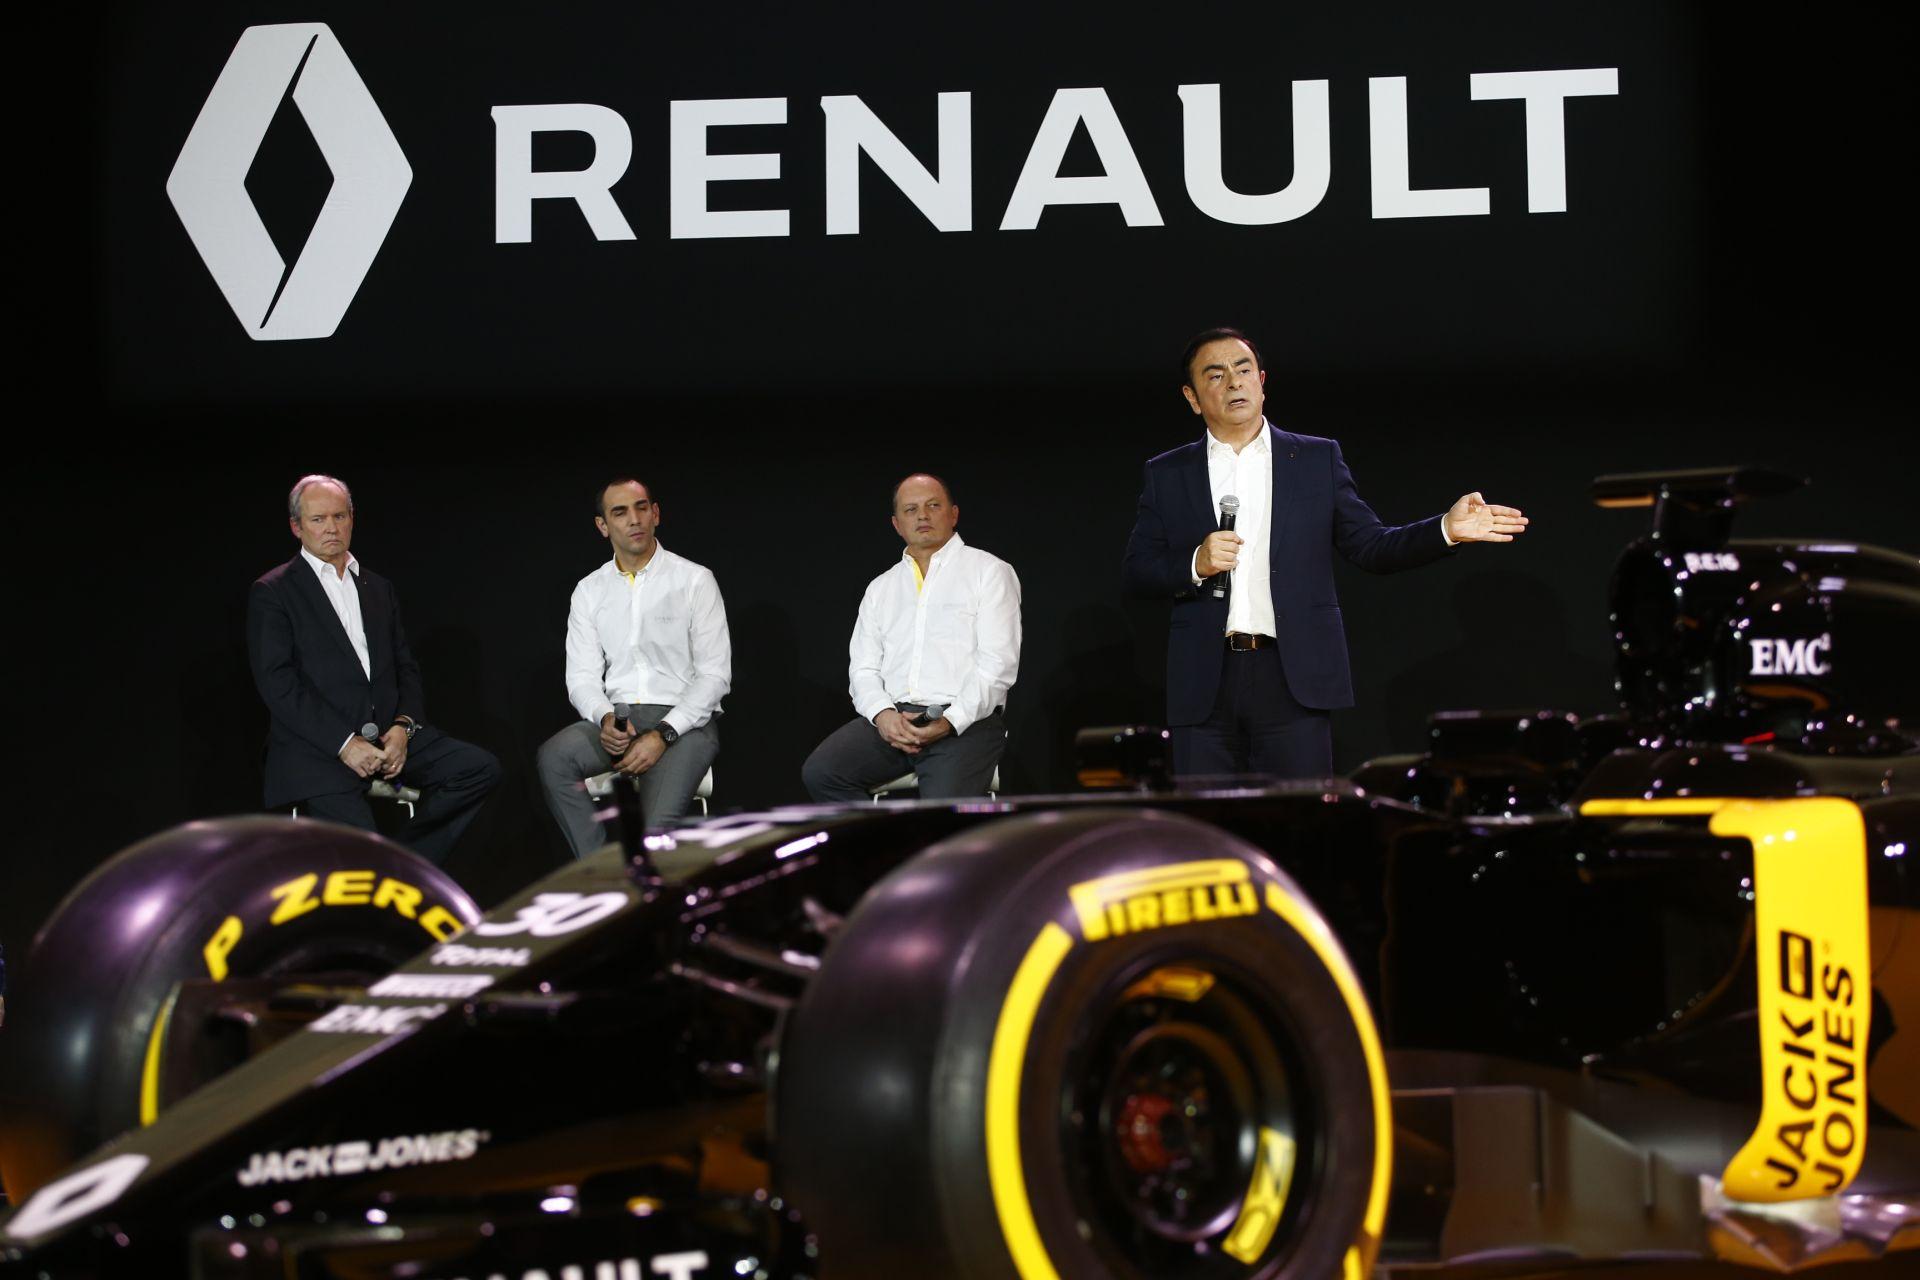 Jövő héten indítják be az igazi RS16-ot a Renault-nál